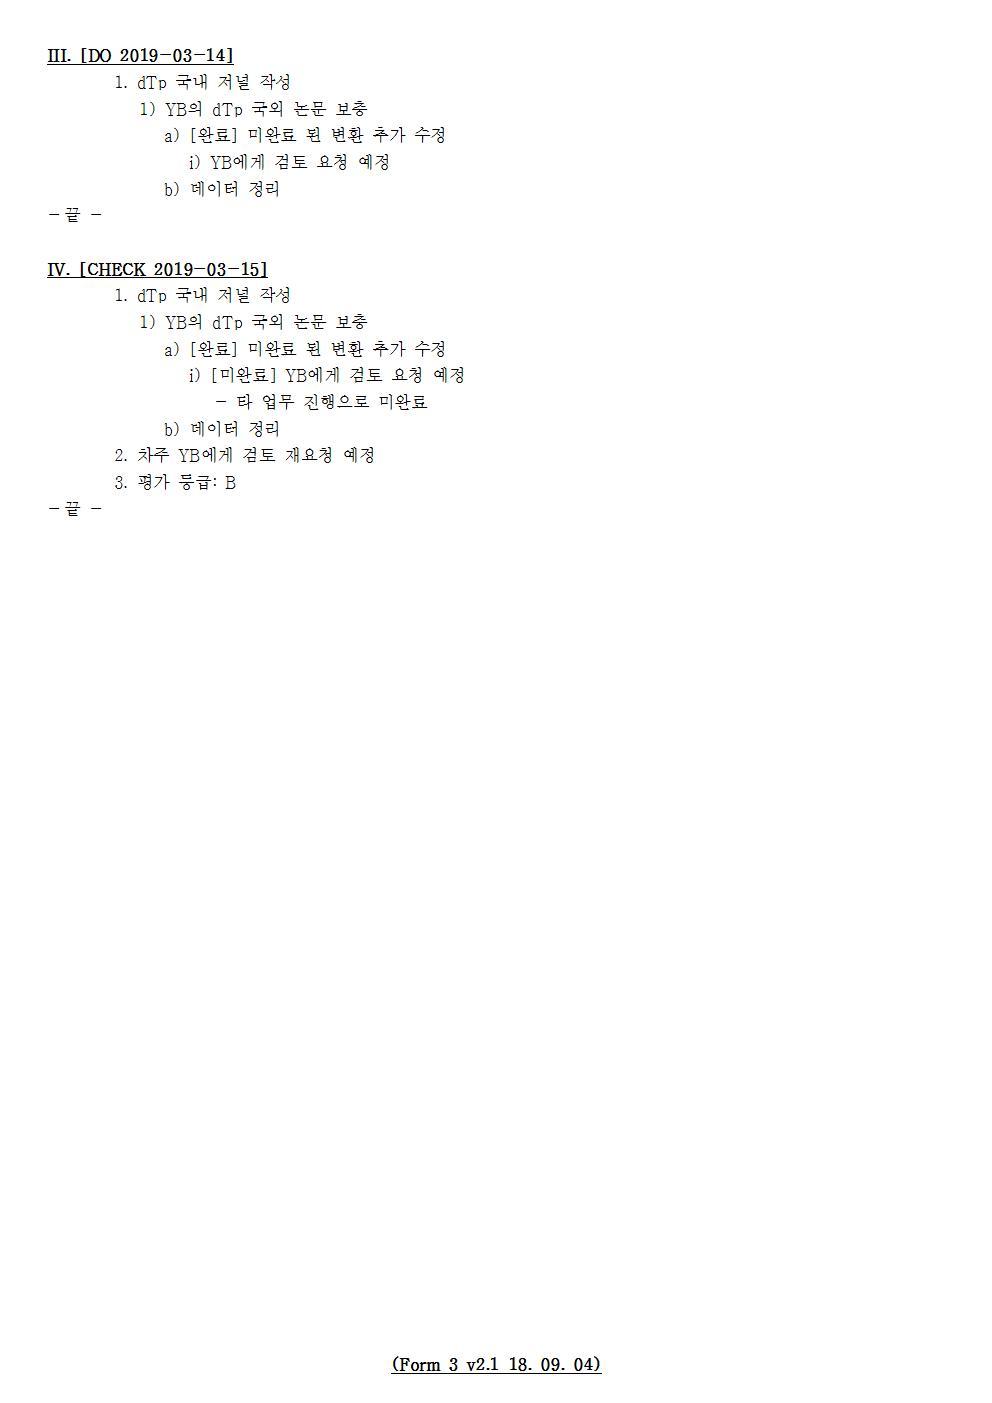 D-[19-012-PP-04]-[dTp-국내]-[2019-03-15][JS]002.jpg